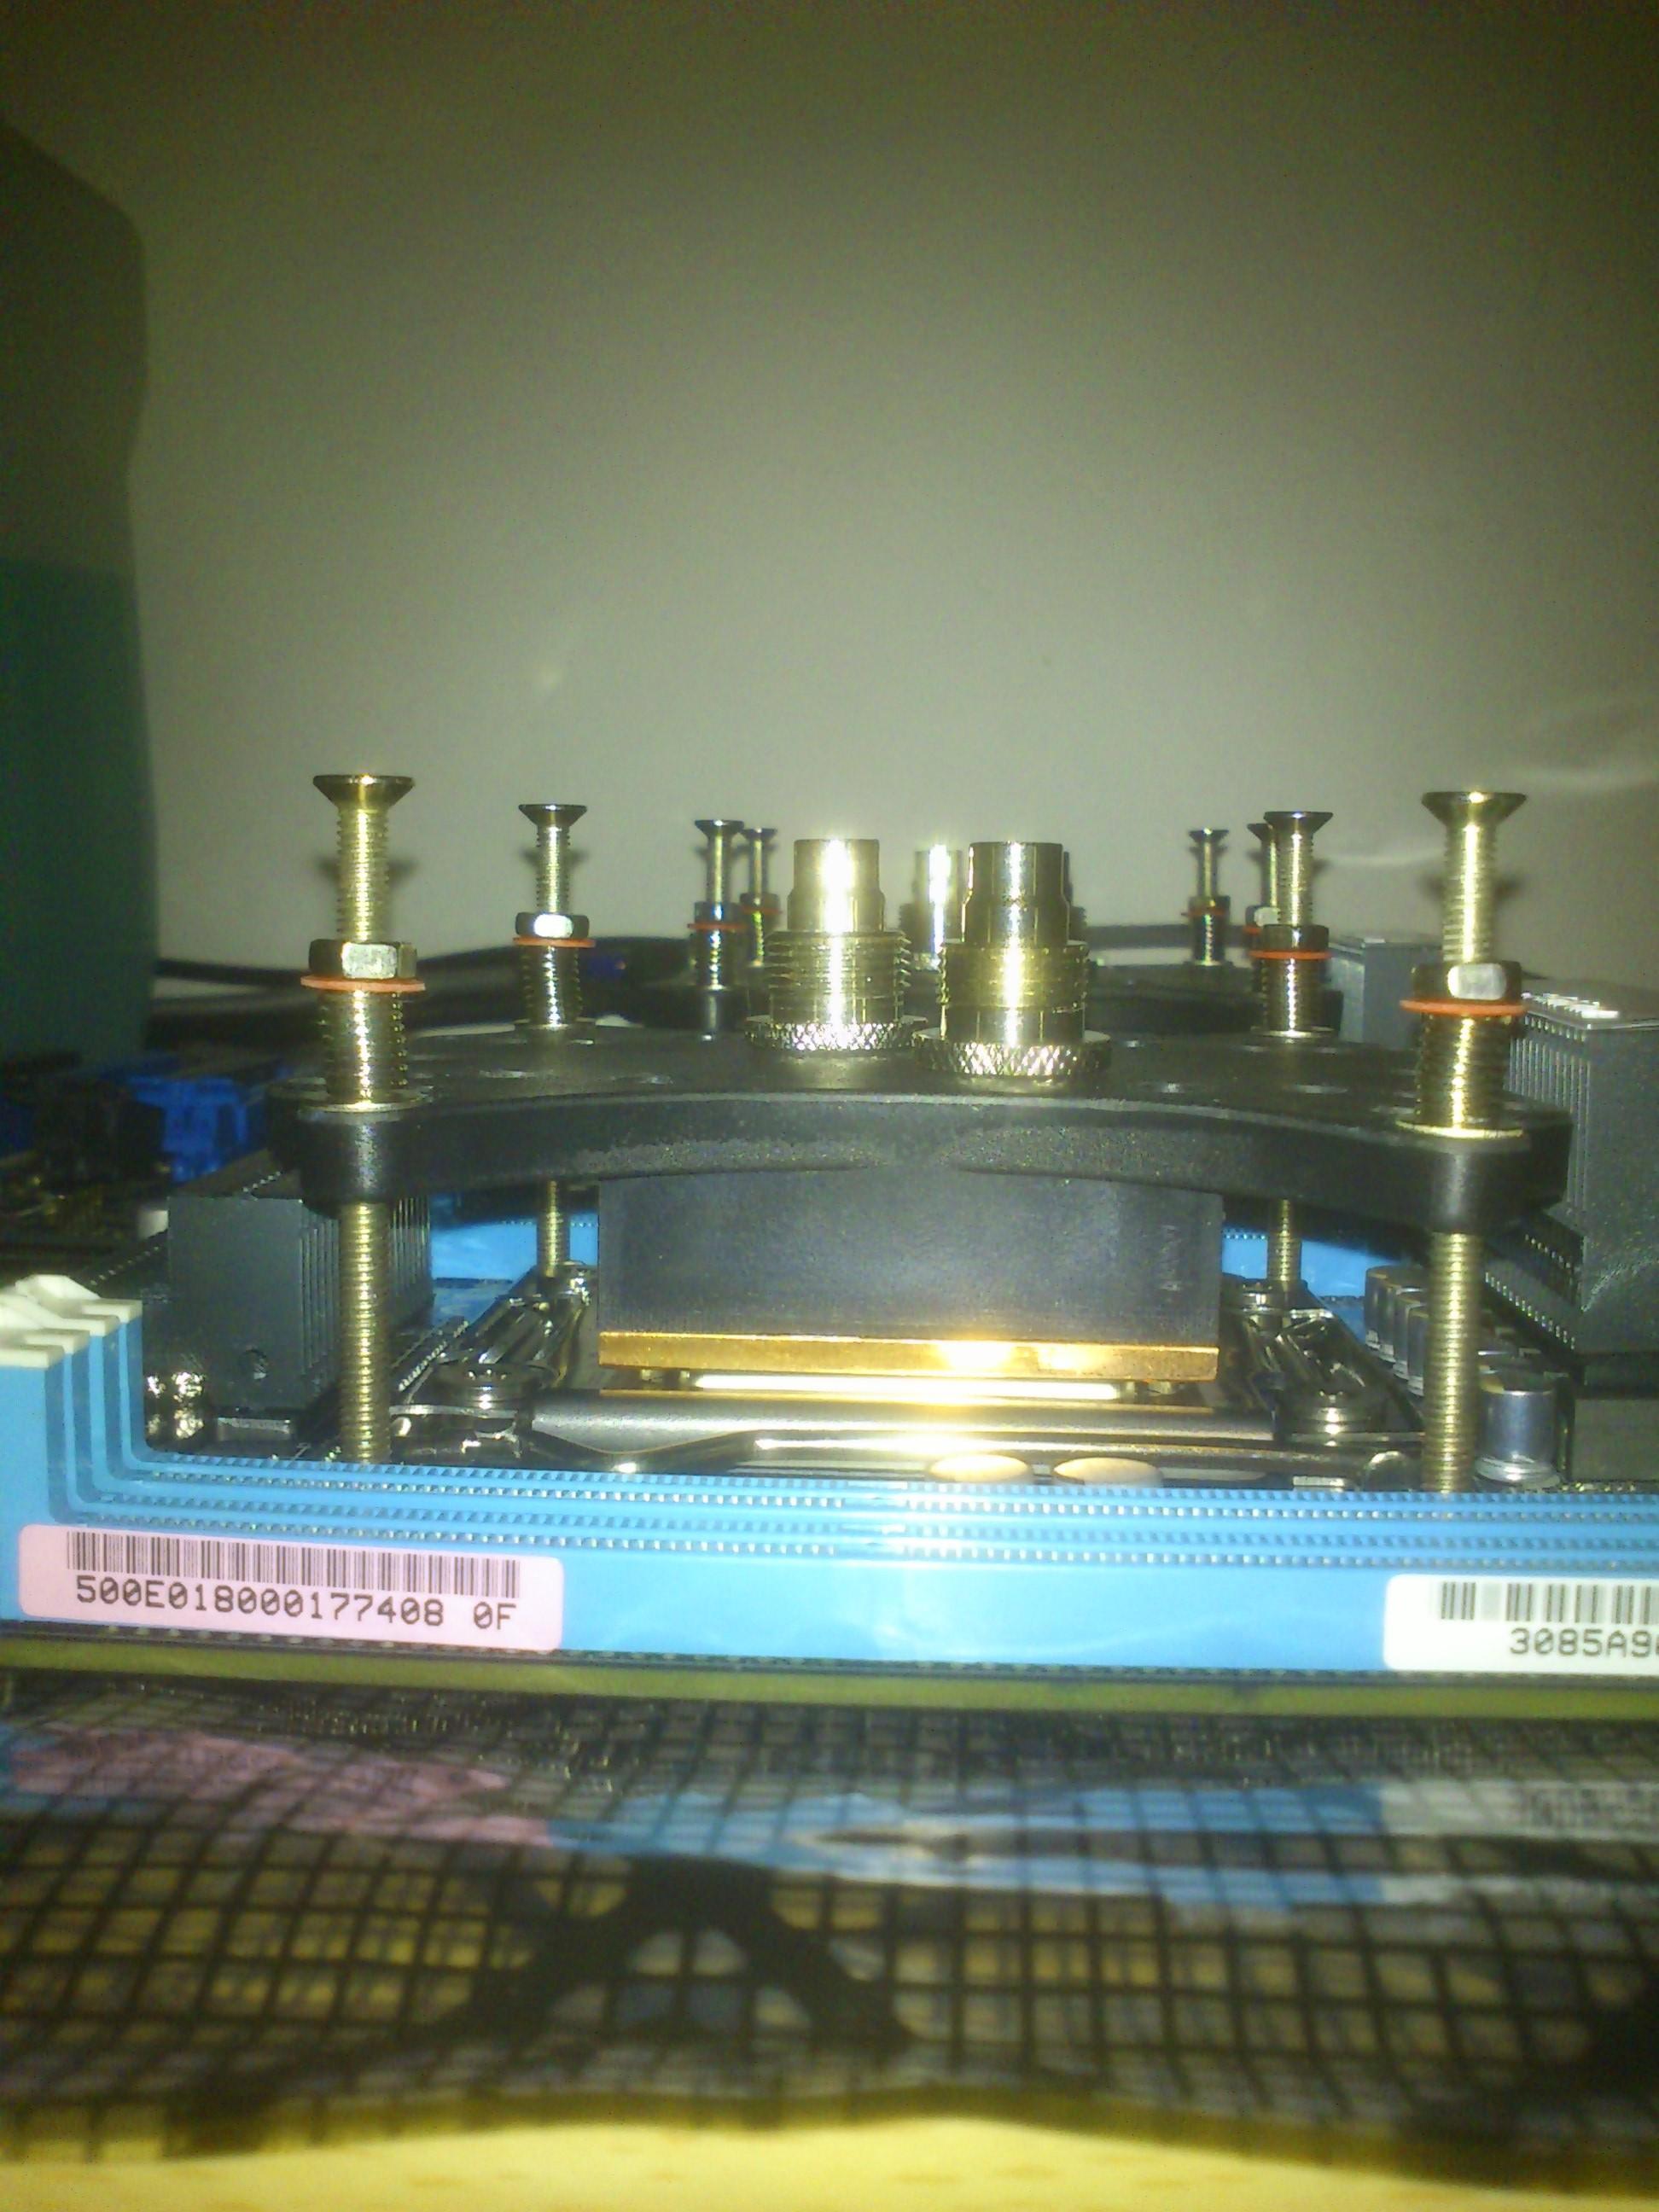 DSC 0028